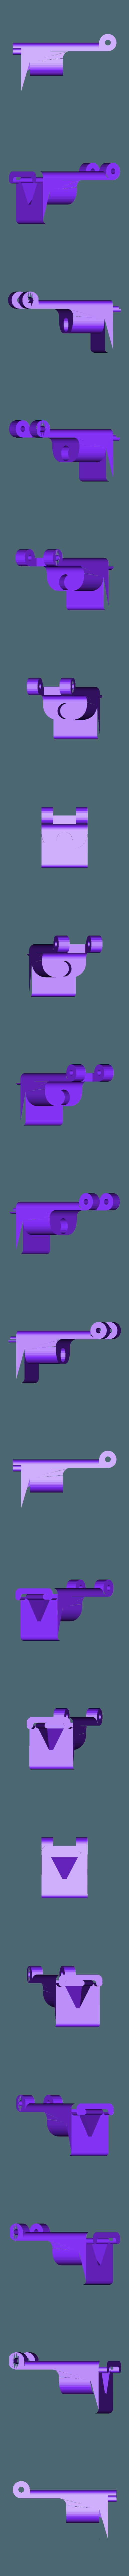 MountLock.stl Télécharger fichier STL gratuit Support de téléphone pour lit IKEA STUVA / FRITIDS • Plan pour impression 3D, Milan_Gajic